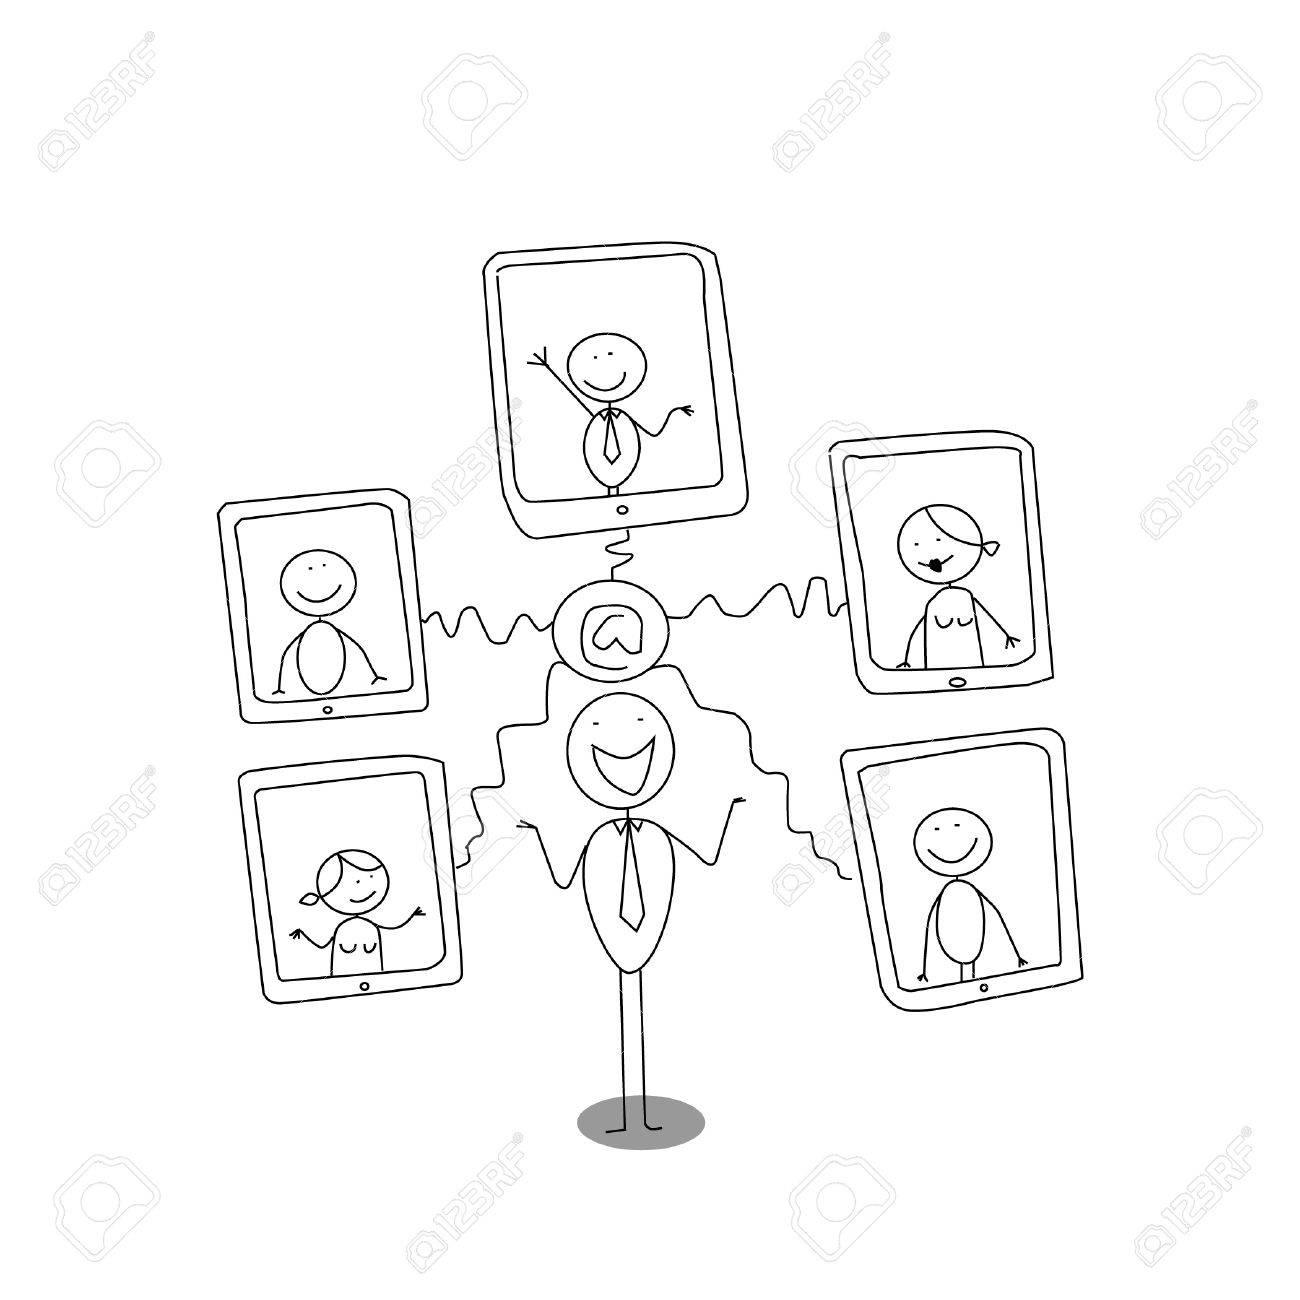 tablet internet cartoon Stock Vector - 11143515